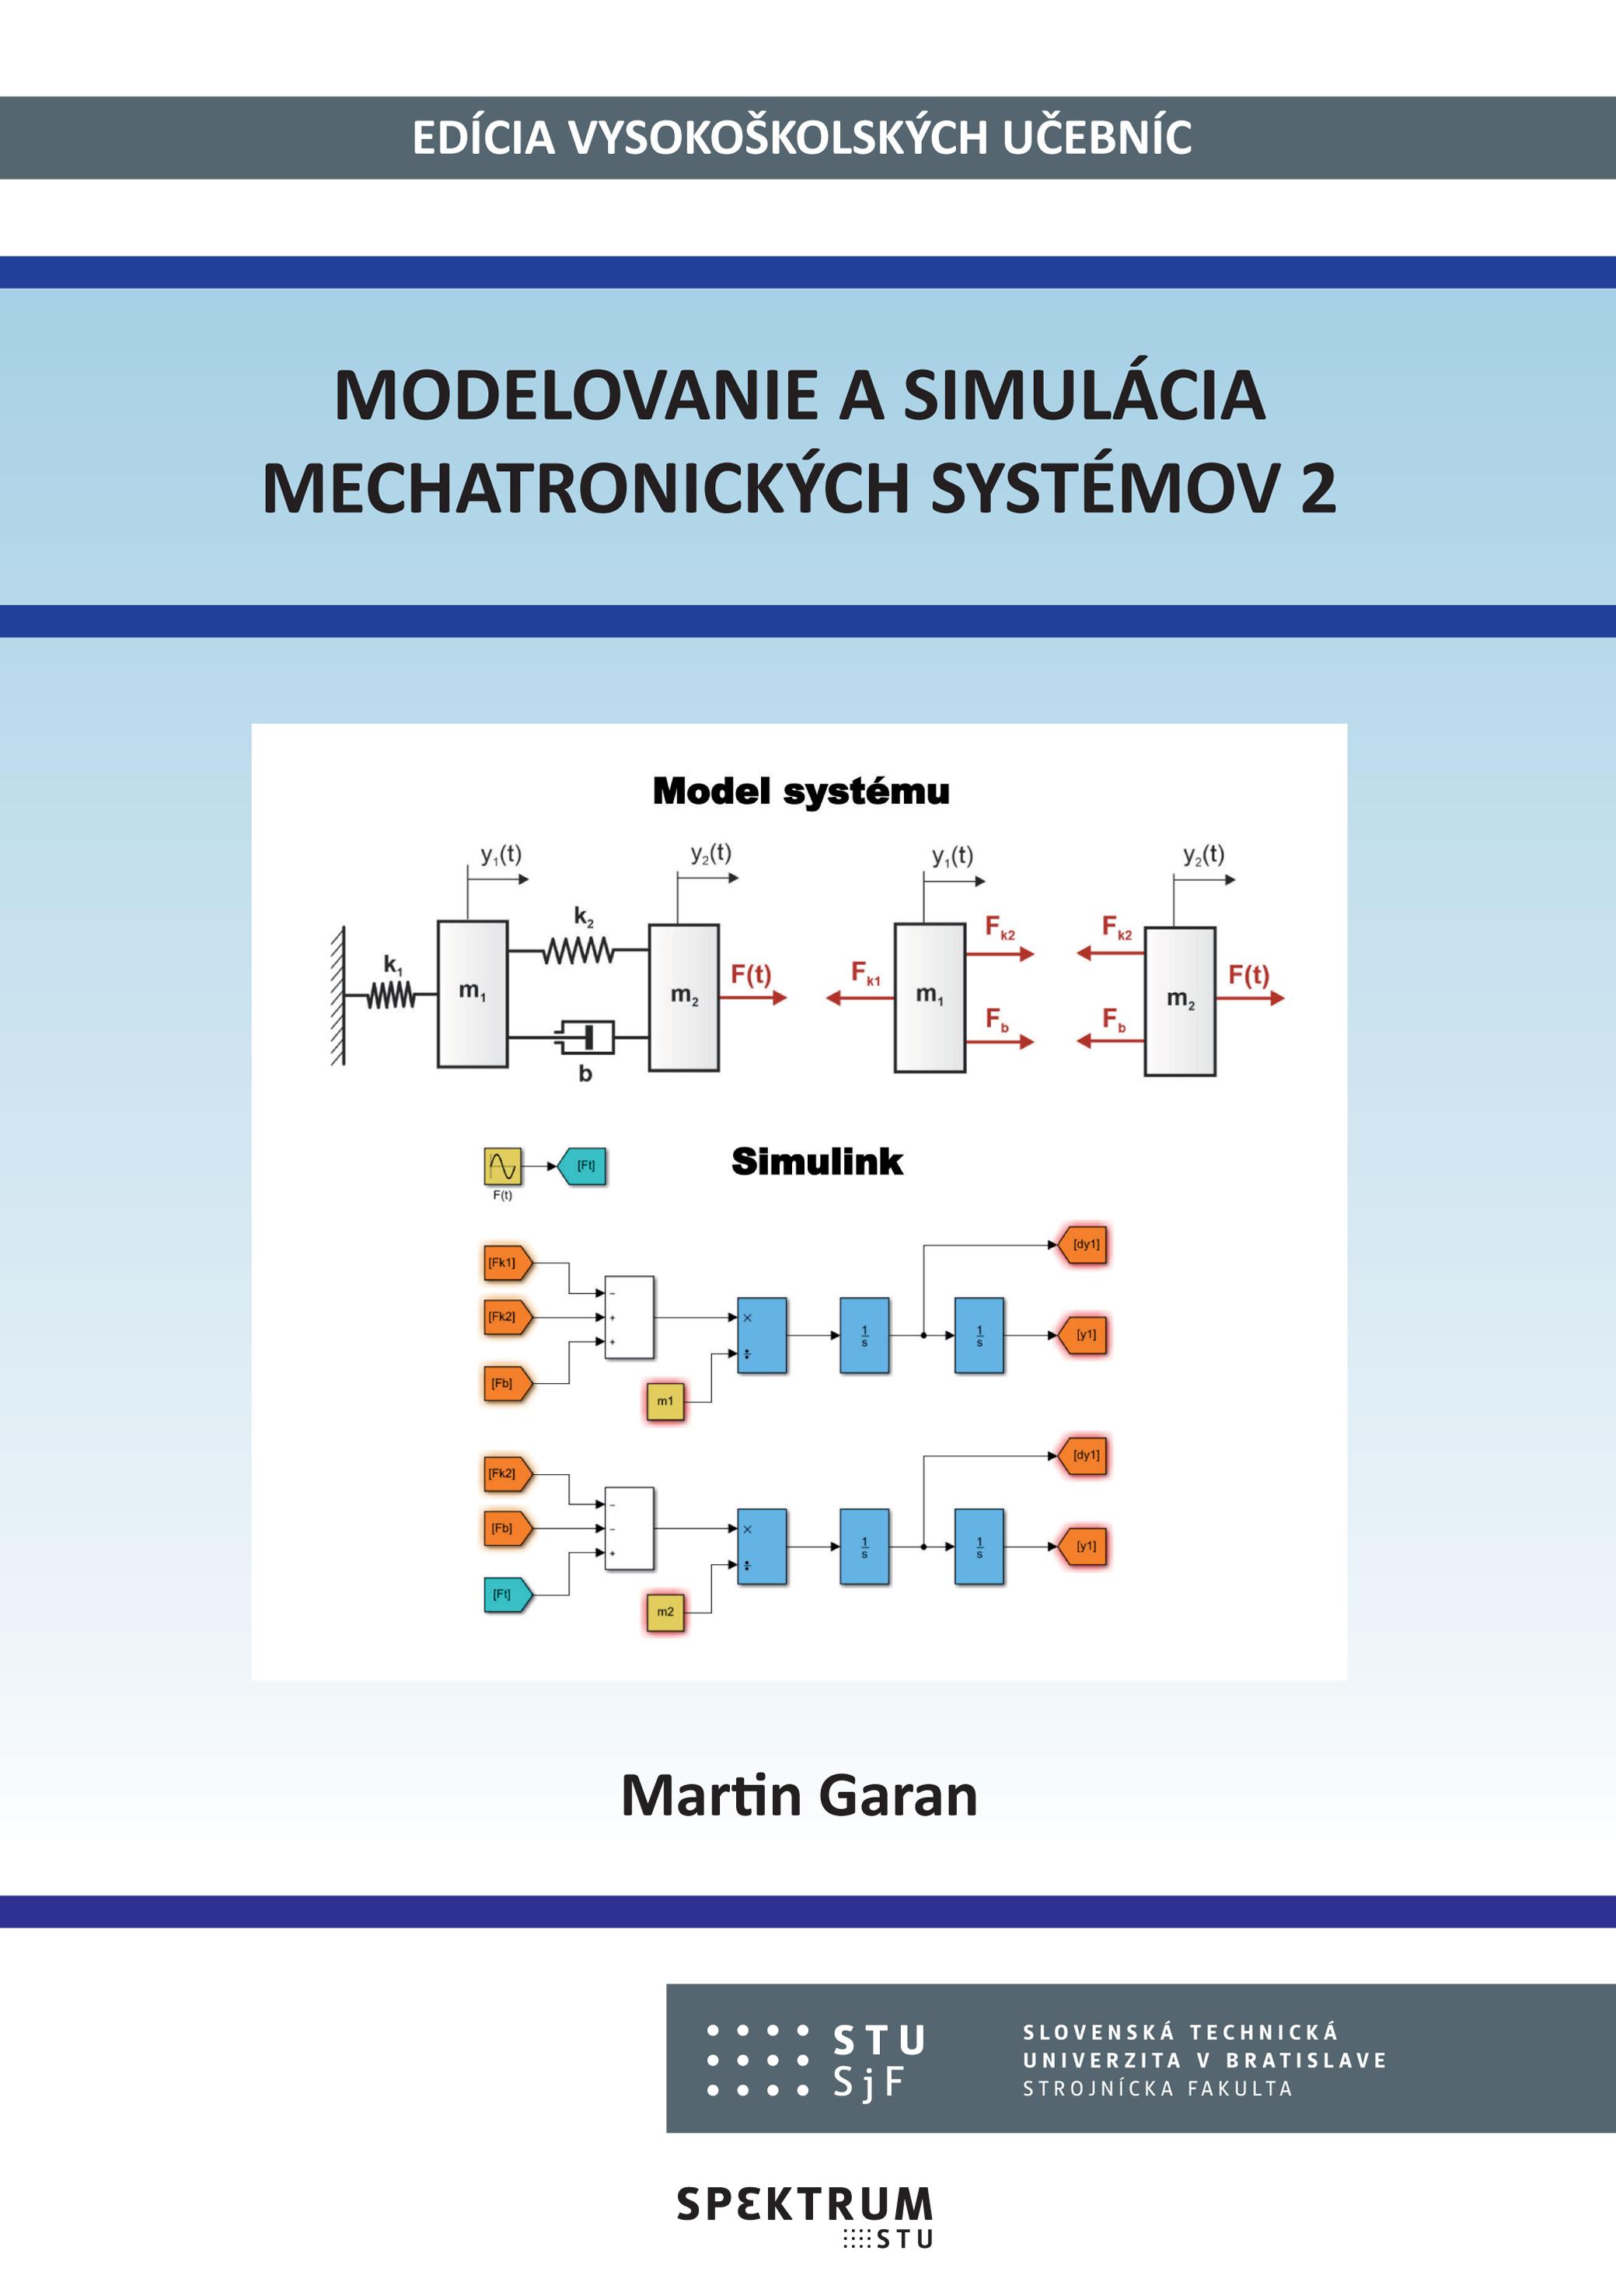 Modelovanie a simulácia mechatronických systémov 2 1